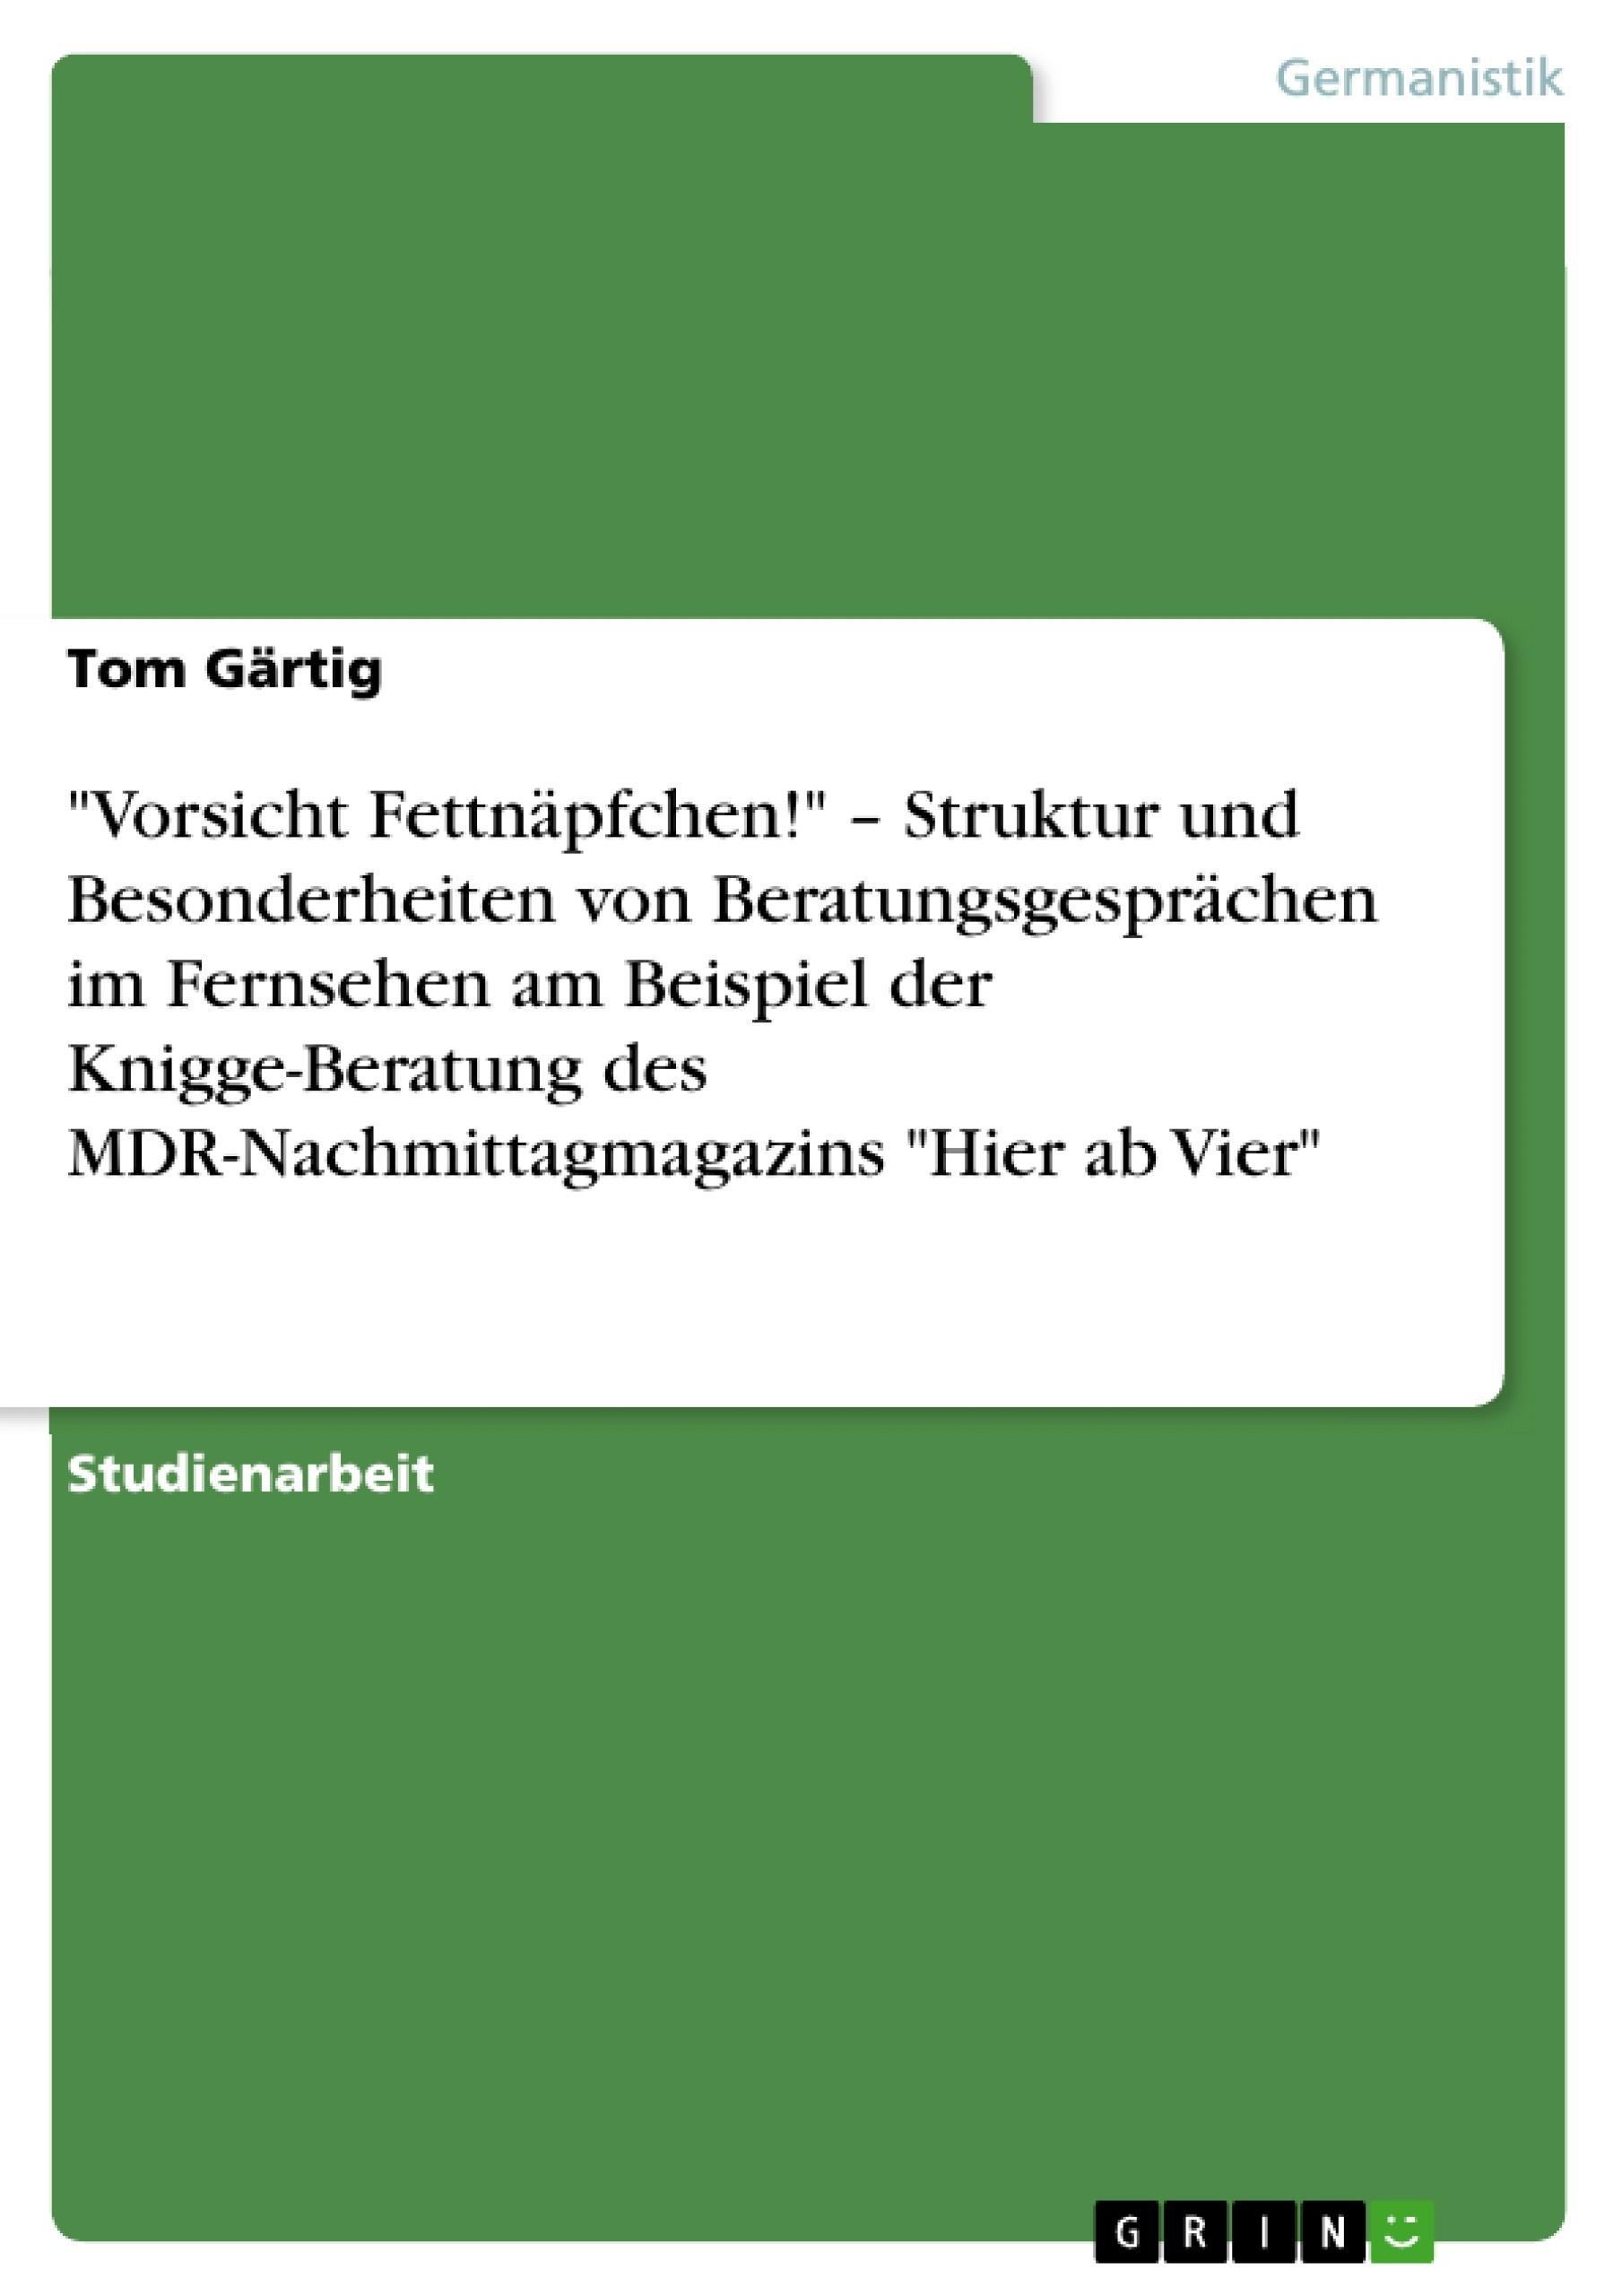 """Titel: """"Vorsicht Fettnäpfchen!"""" – Struktur und Besonderheiten von Beratungsgesprächen im Fernsehen am Beispiel der Knigge-Beratung des MDR-Nachmittagmagazins """"Hier ab Vier"""""""